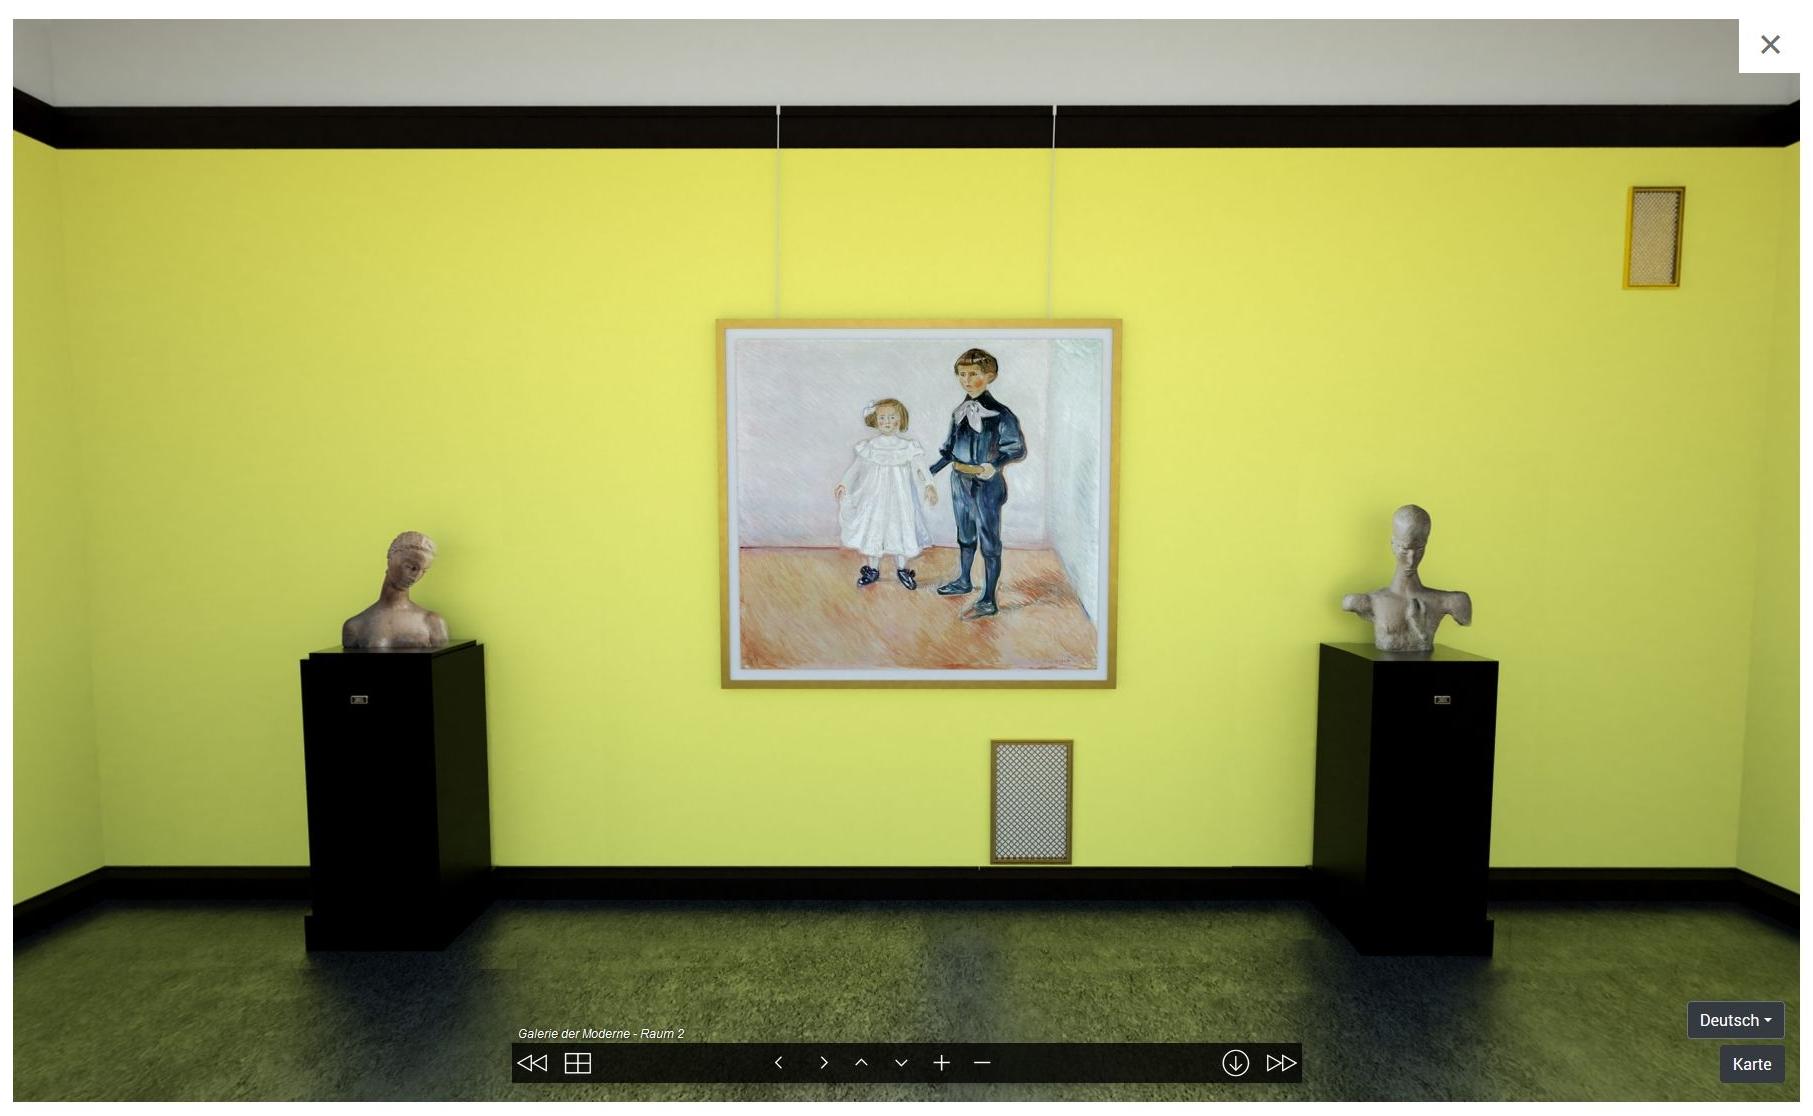 Screenshot virtuelle Rekonstruktion Galerie der Moderne mit Werken von Wilhelm Lehmbruck und Edvard Munch